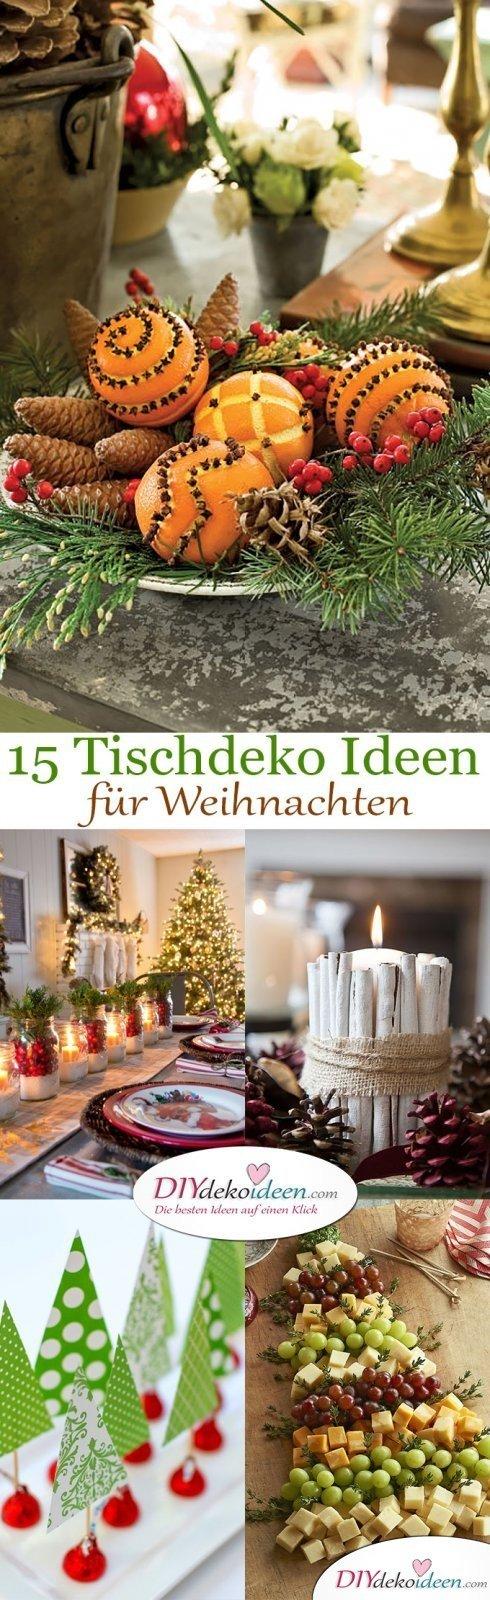 15 stimmungsvolle Tischdeko Ideen für Weihnacht